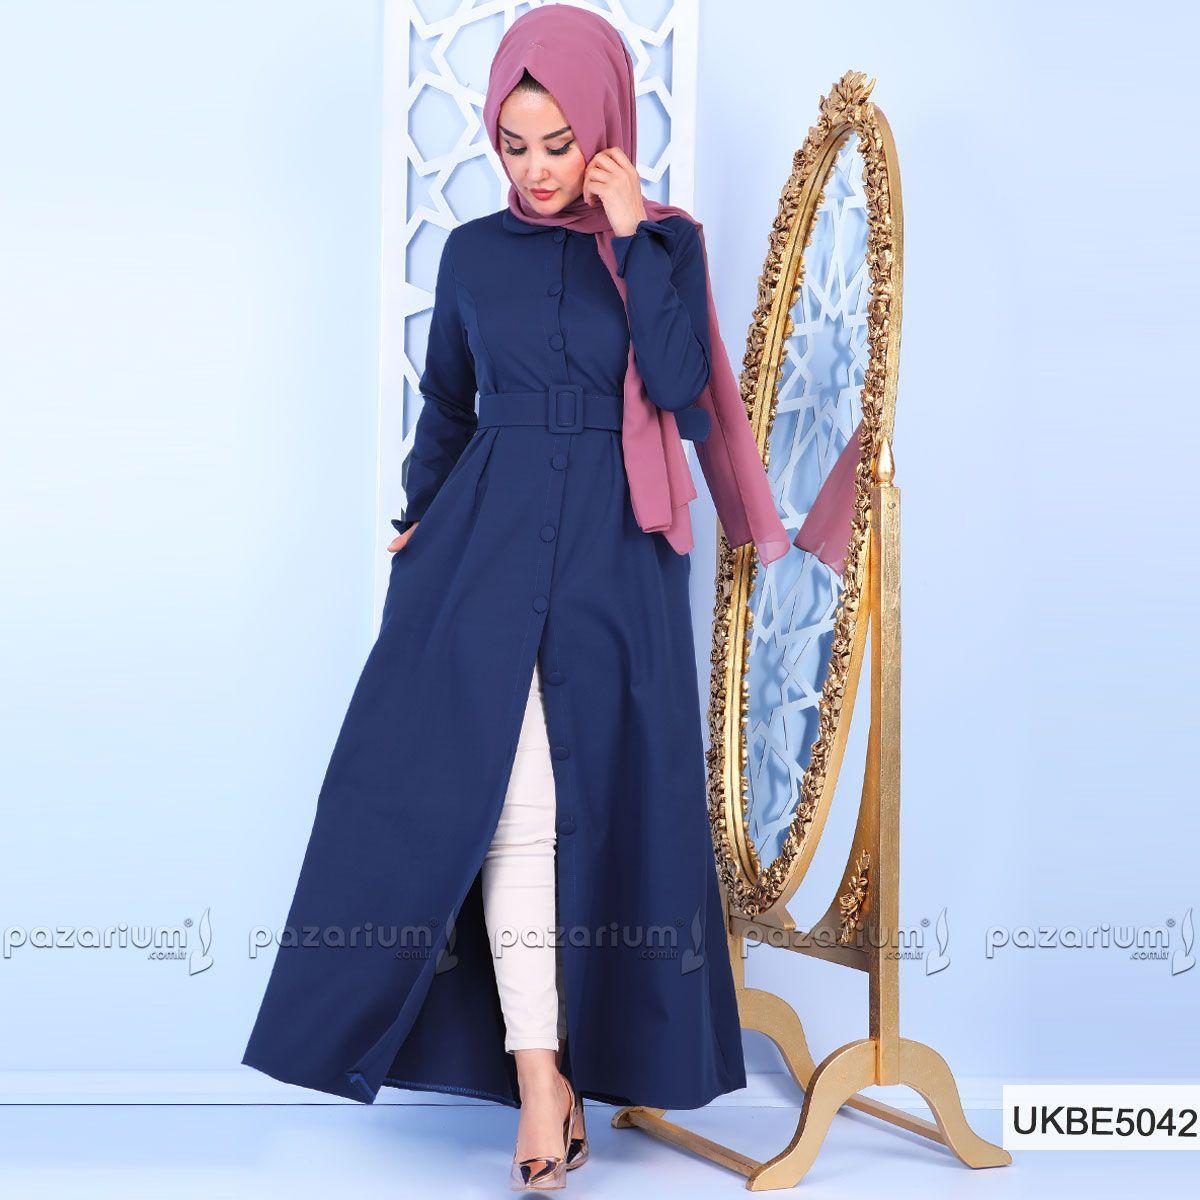 Gizli Cep Detayina Sahip Olan Indigo Renkli Elbise Klasik Yakalidir Beli Pileli Ve Kemer Detayli Olan Elbise Klos Kesim Stile Sahipt Moda Moda Stilleri Elbise